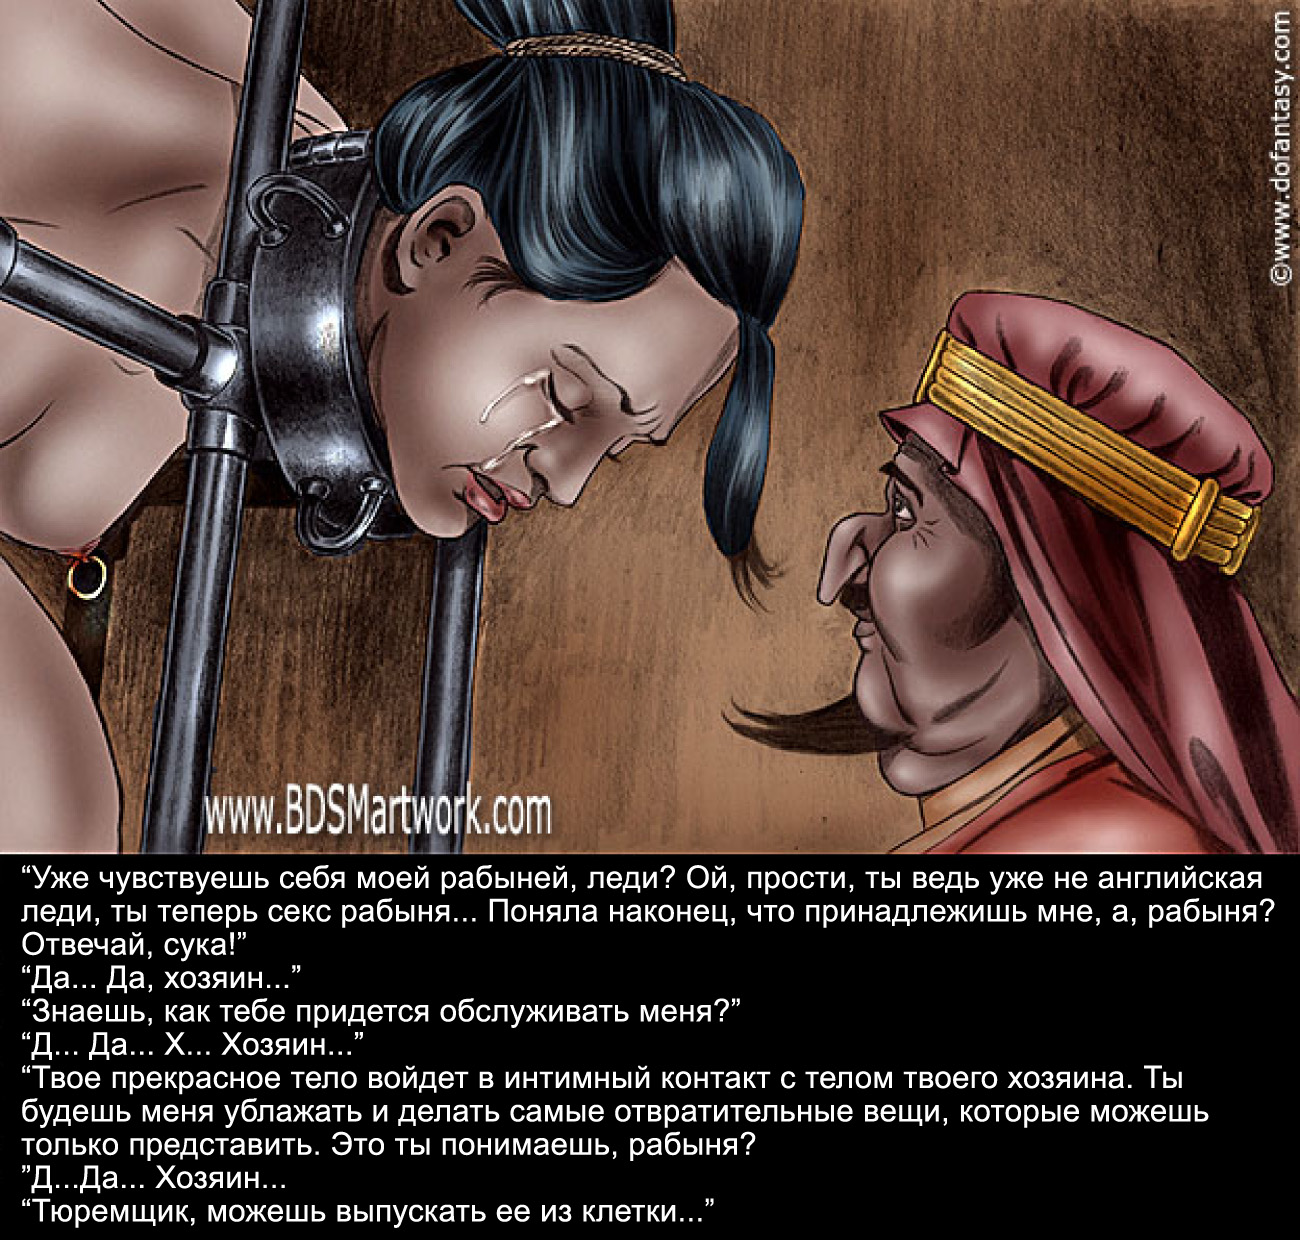 Признание рабыни секс 2 фотография